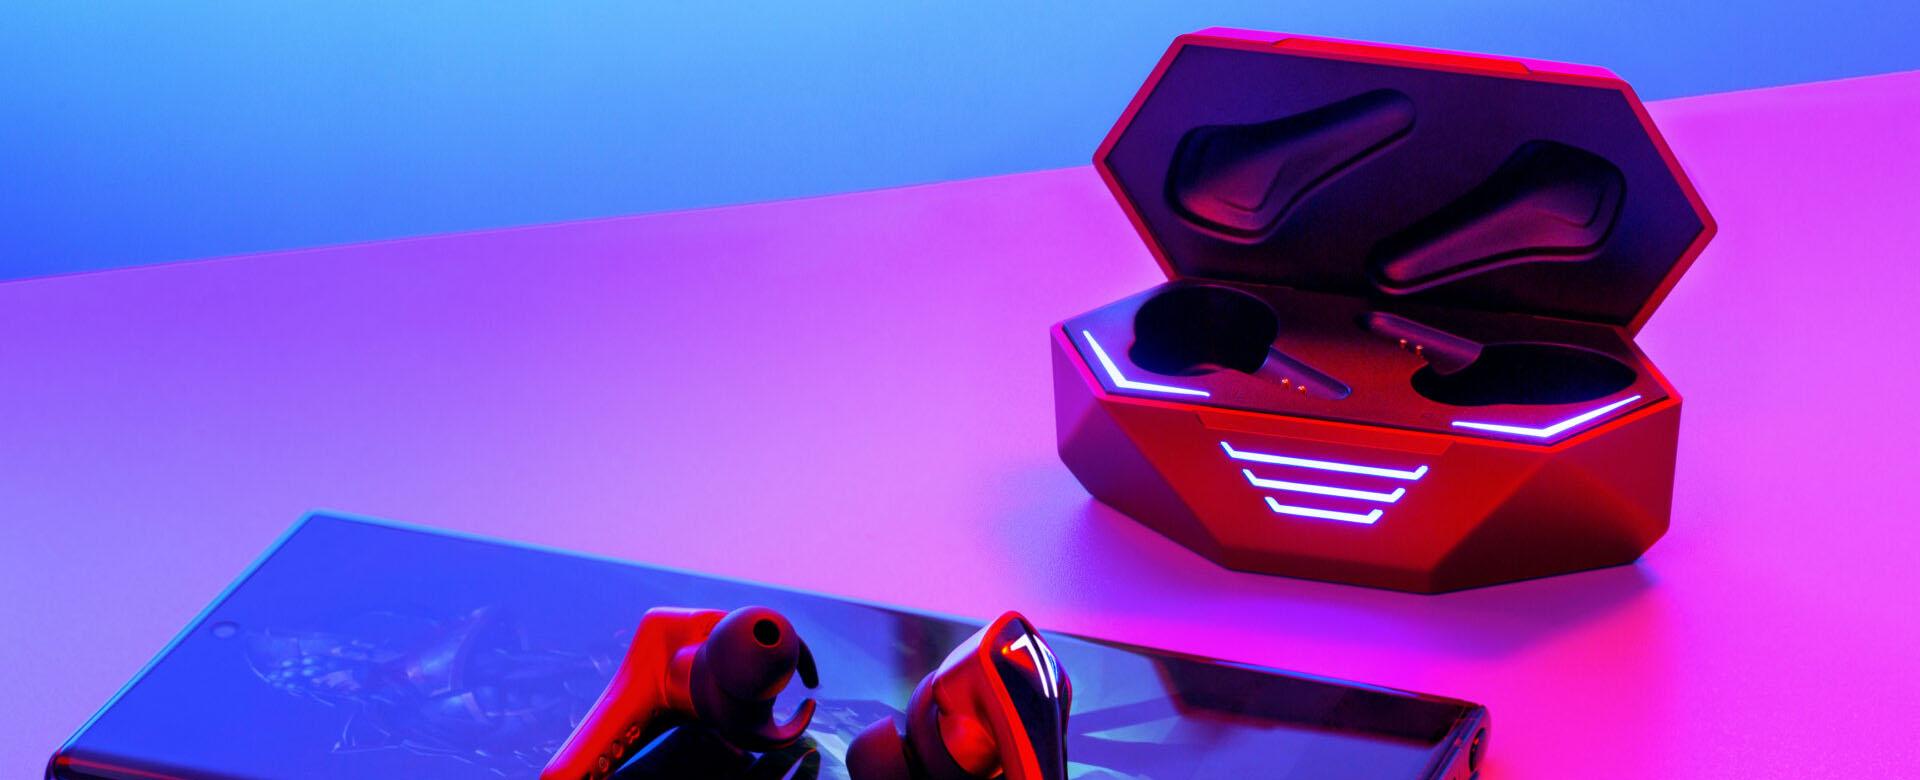 หูฟังไร้สาย Saramonic SR-BH60-B Gaming True Wireless ไม่ ดีเลย์